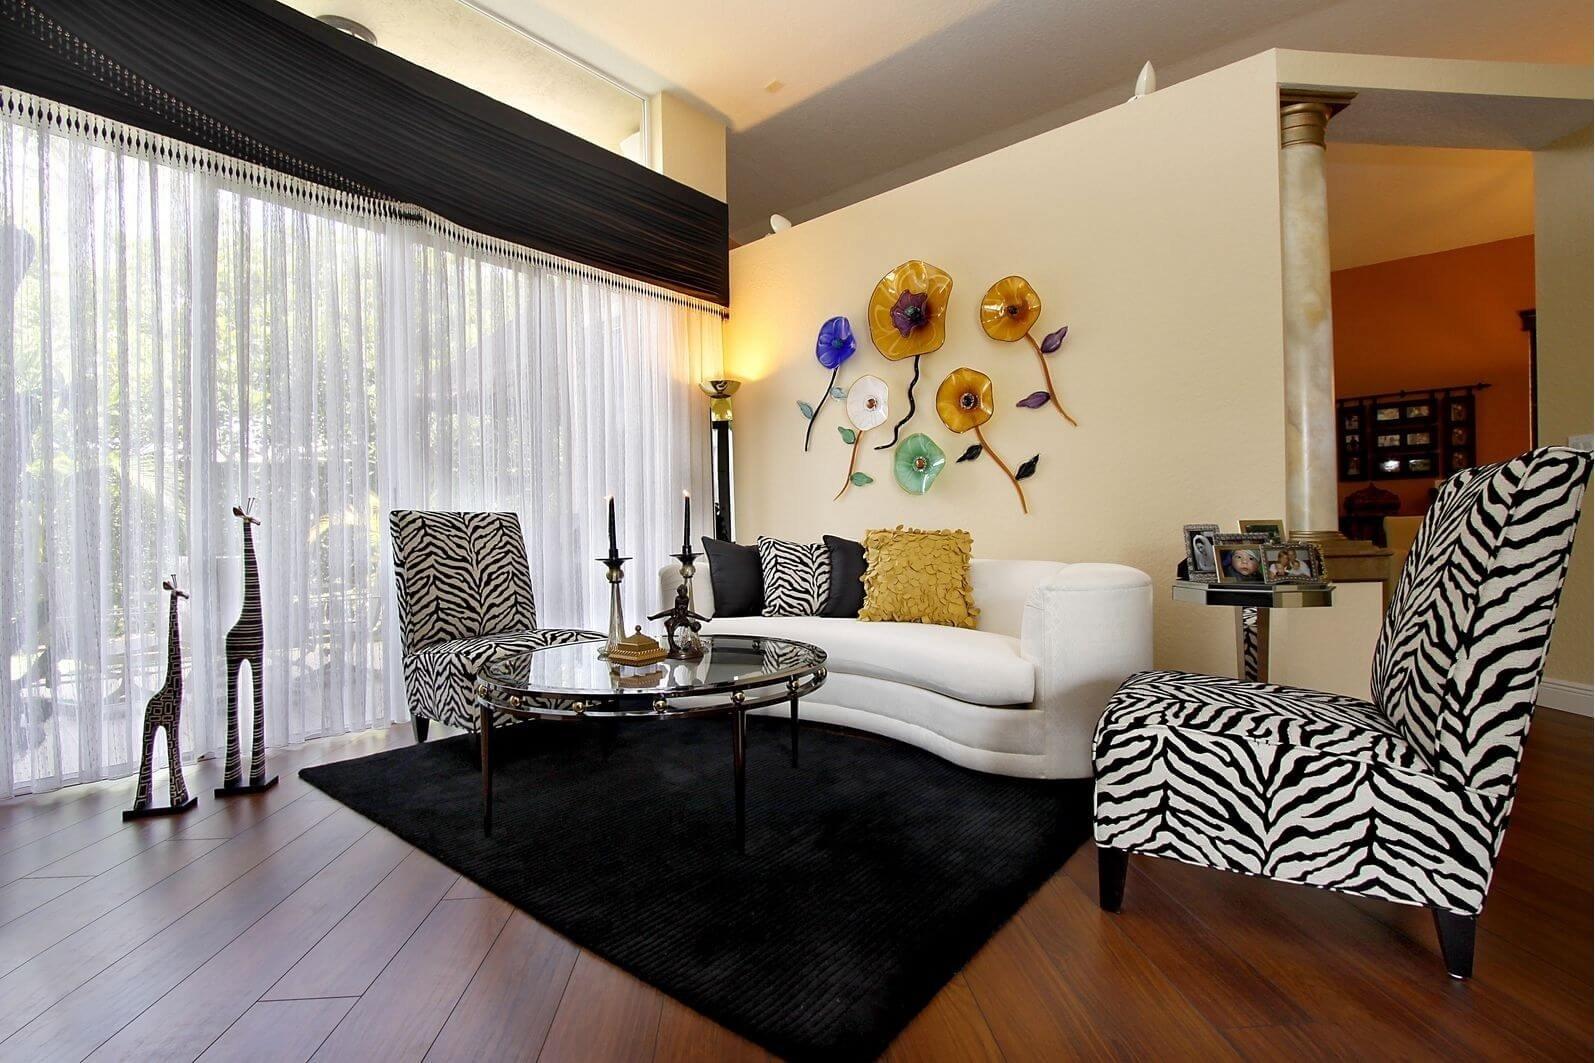 10 Lovely Animal Print Living Room Ideas 17 zebra living room decor ideas pictures 2020